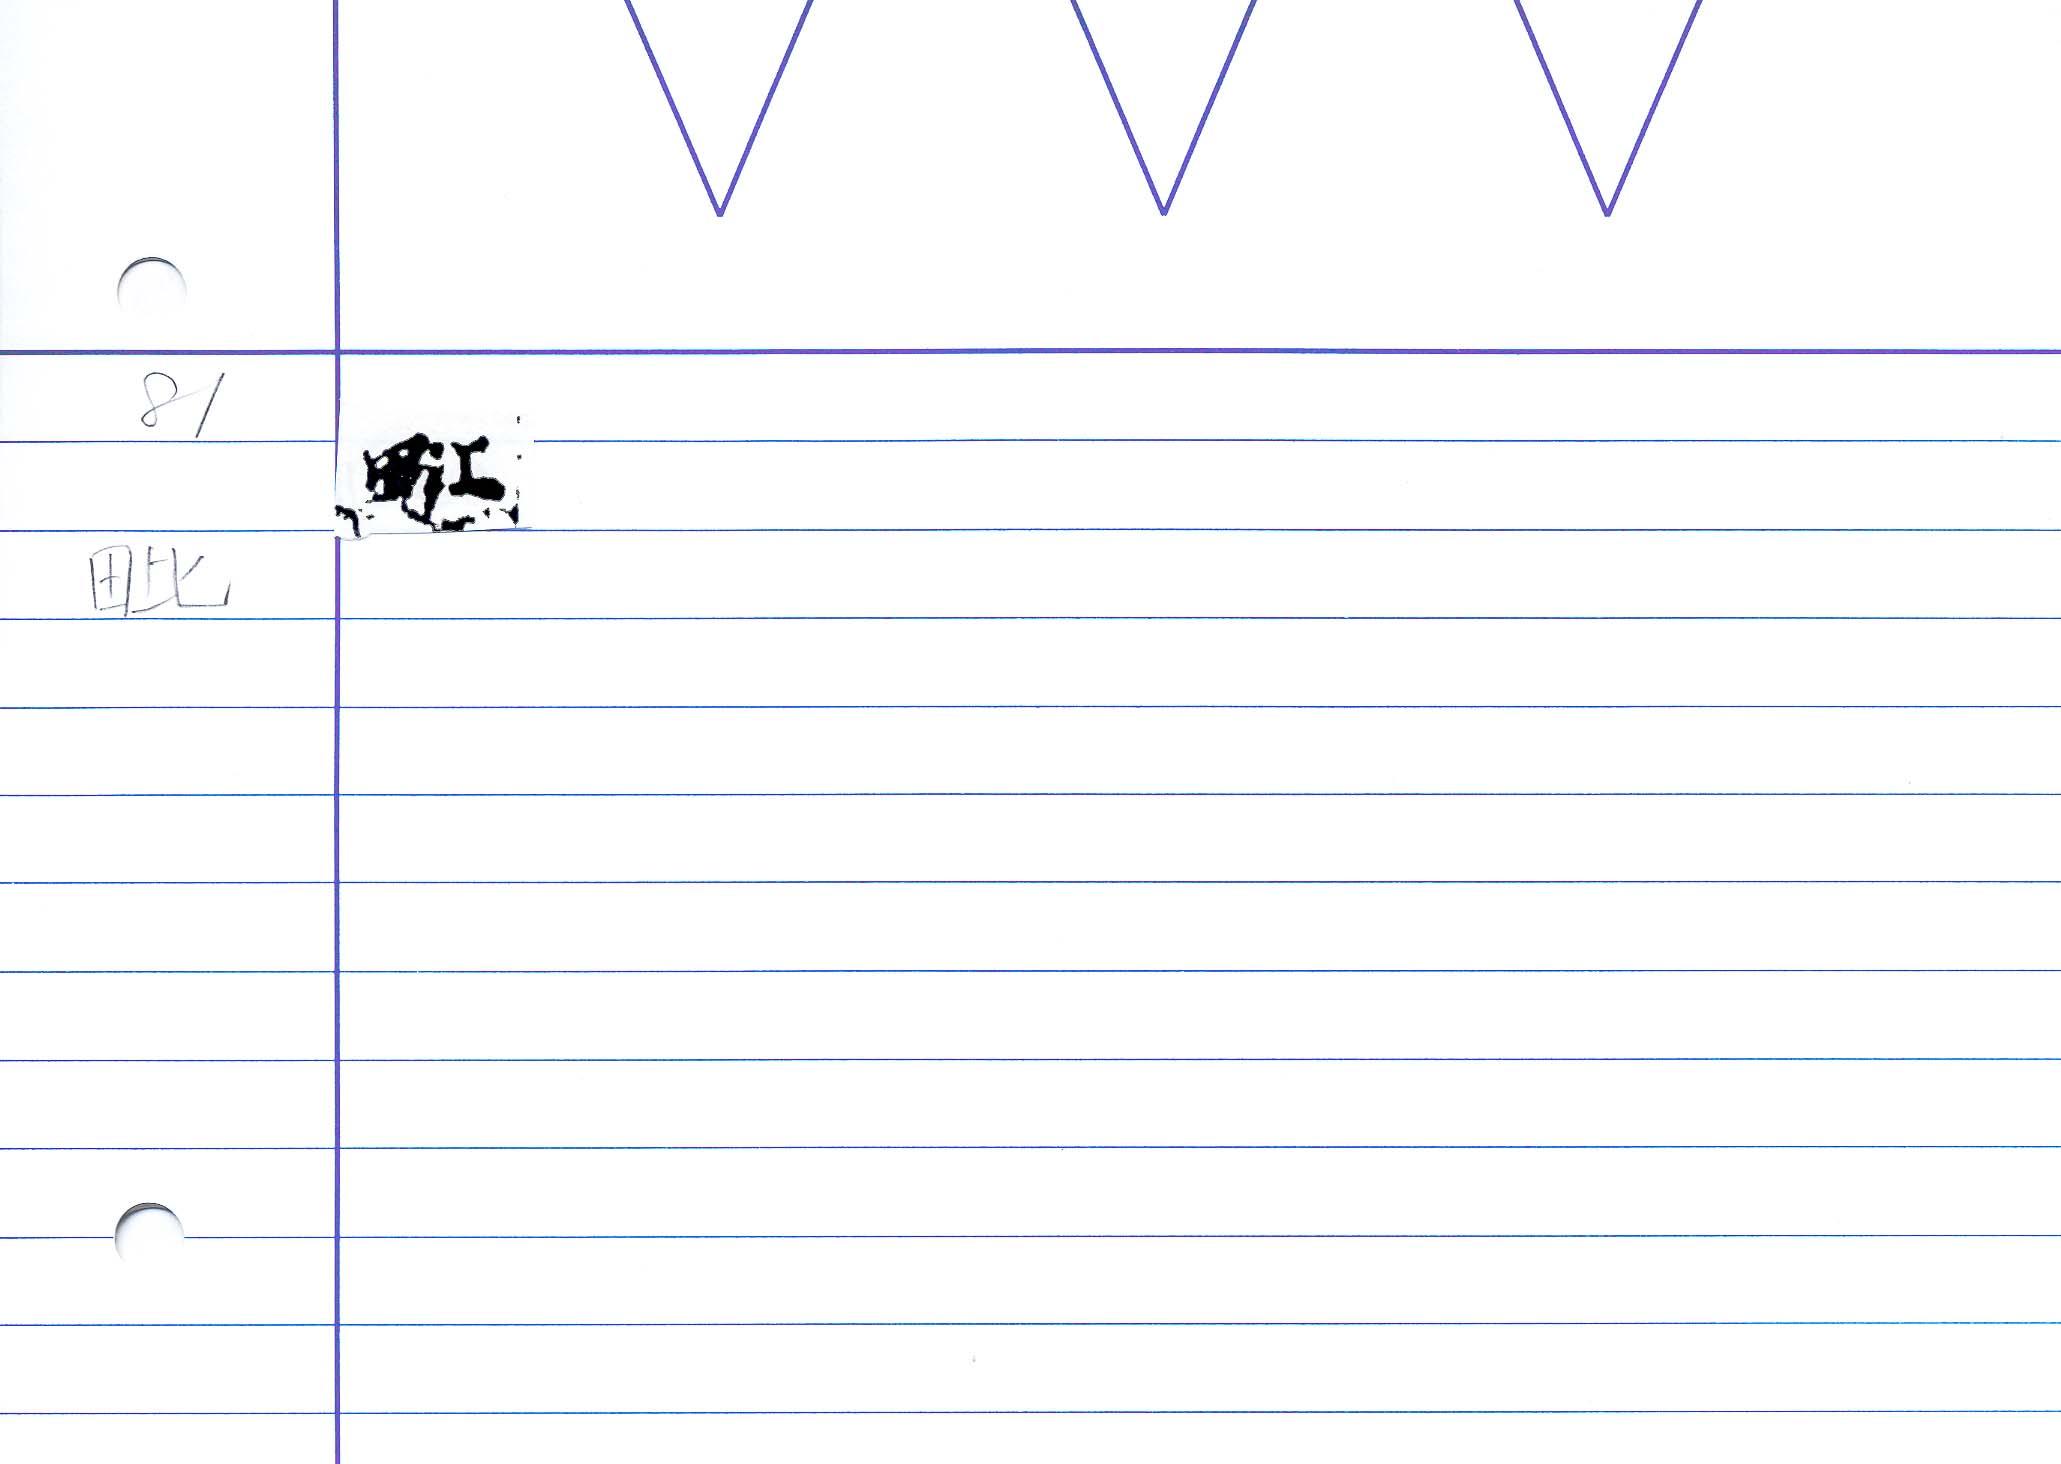 01_誠實論卷八(P.2179)/cards/0092.jpg